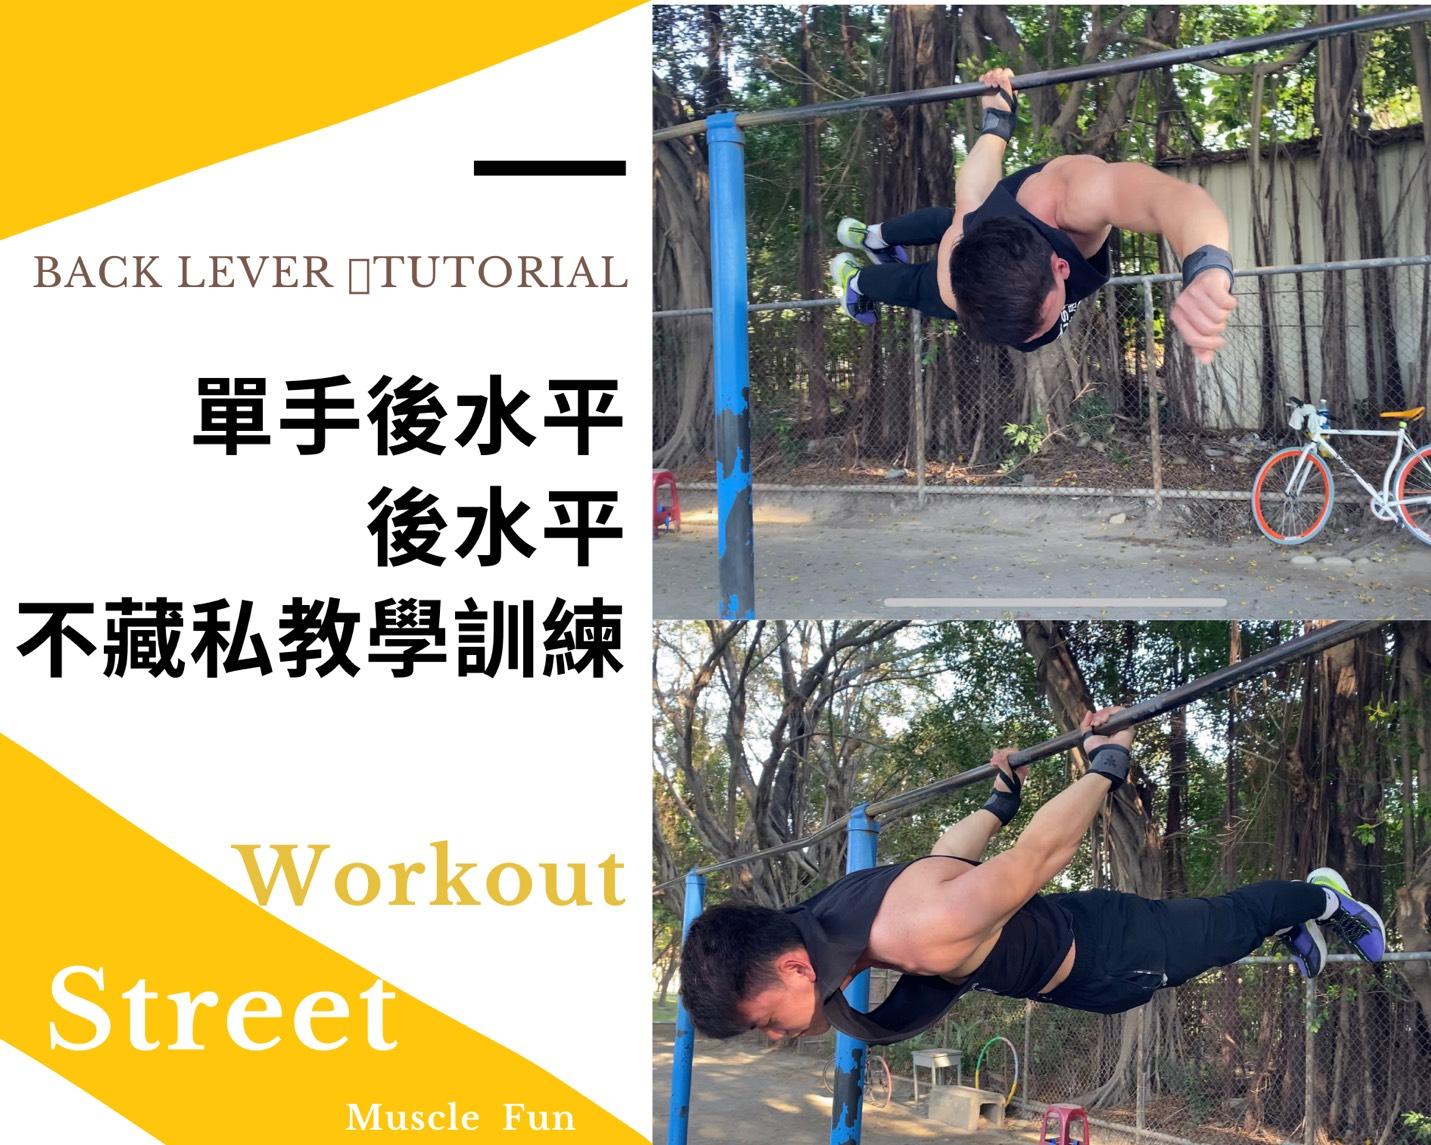 5個步驟教你速成後水平/單手後水平 (Back Lever )